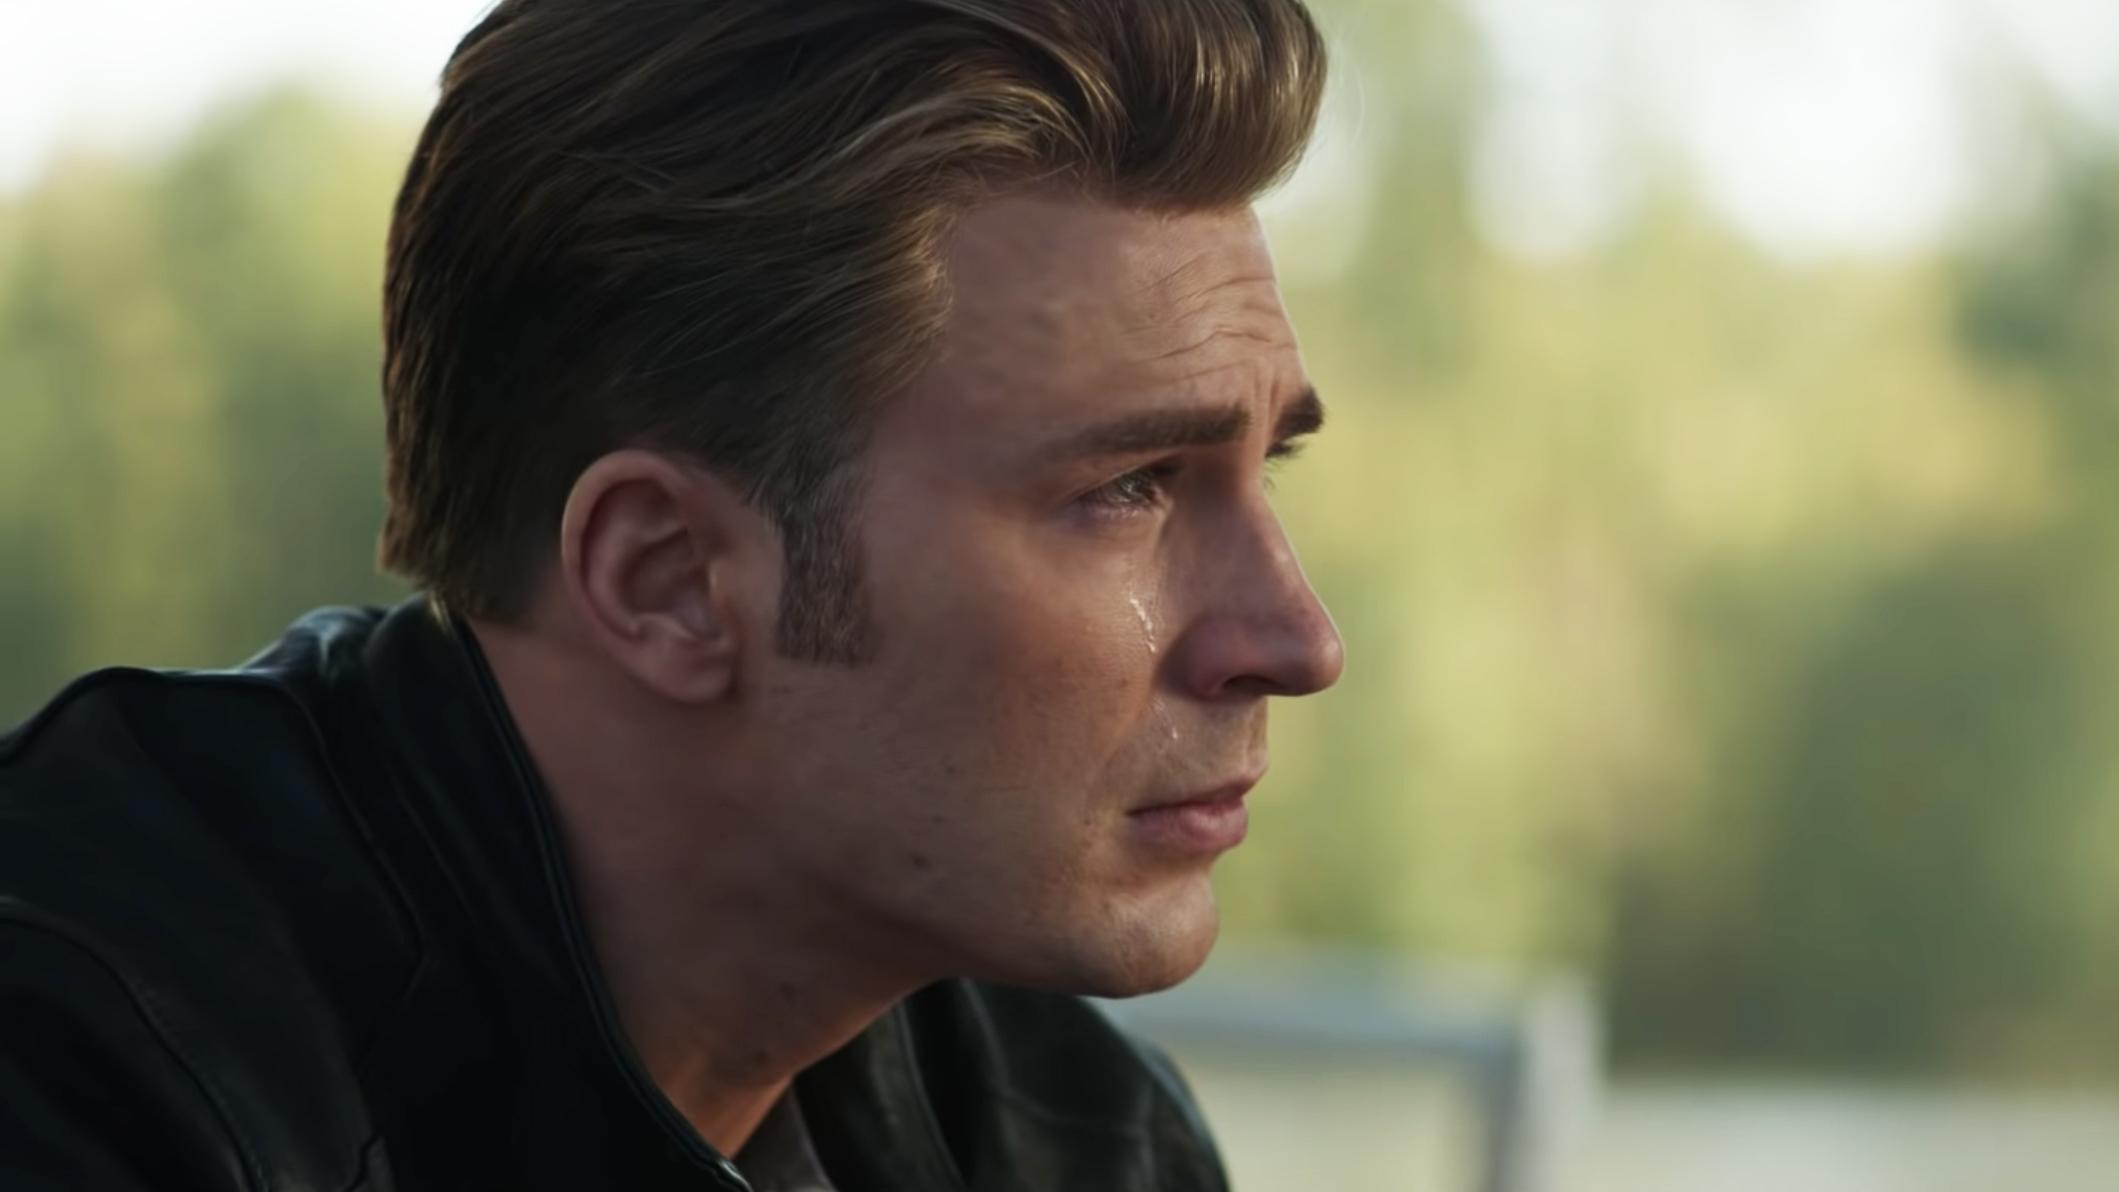 Капитан Америка мог стать Камнем души в «Мстителях: Финал» — и другие подробности от братьев Руссо